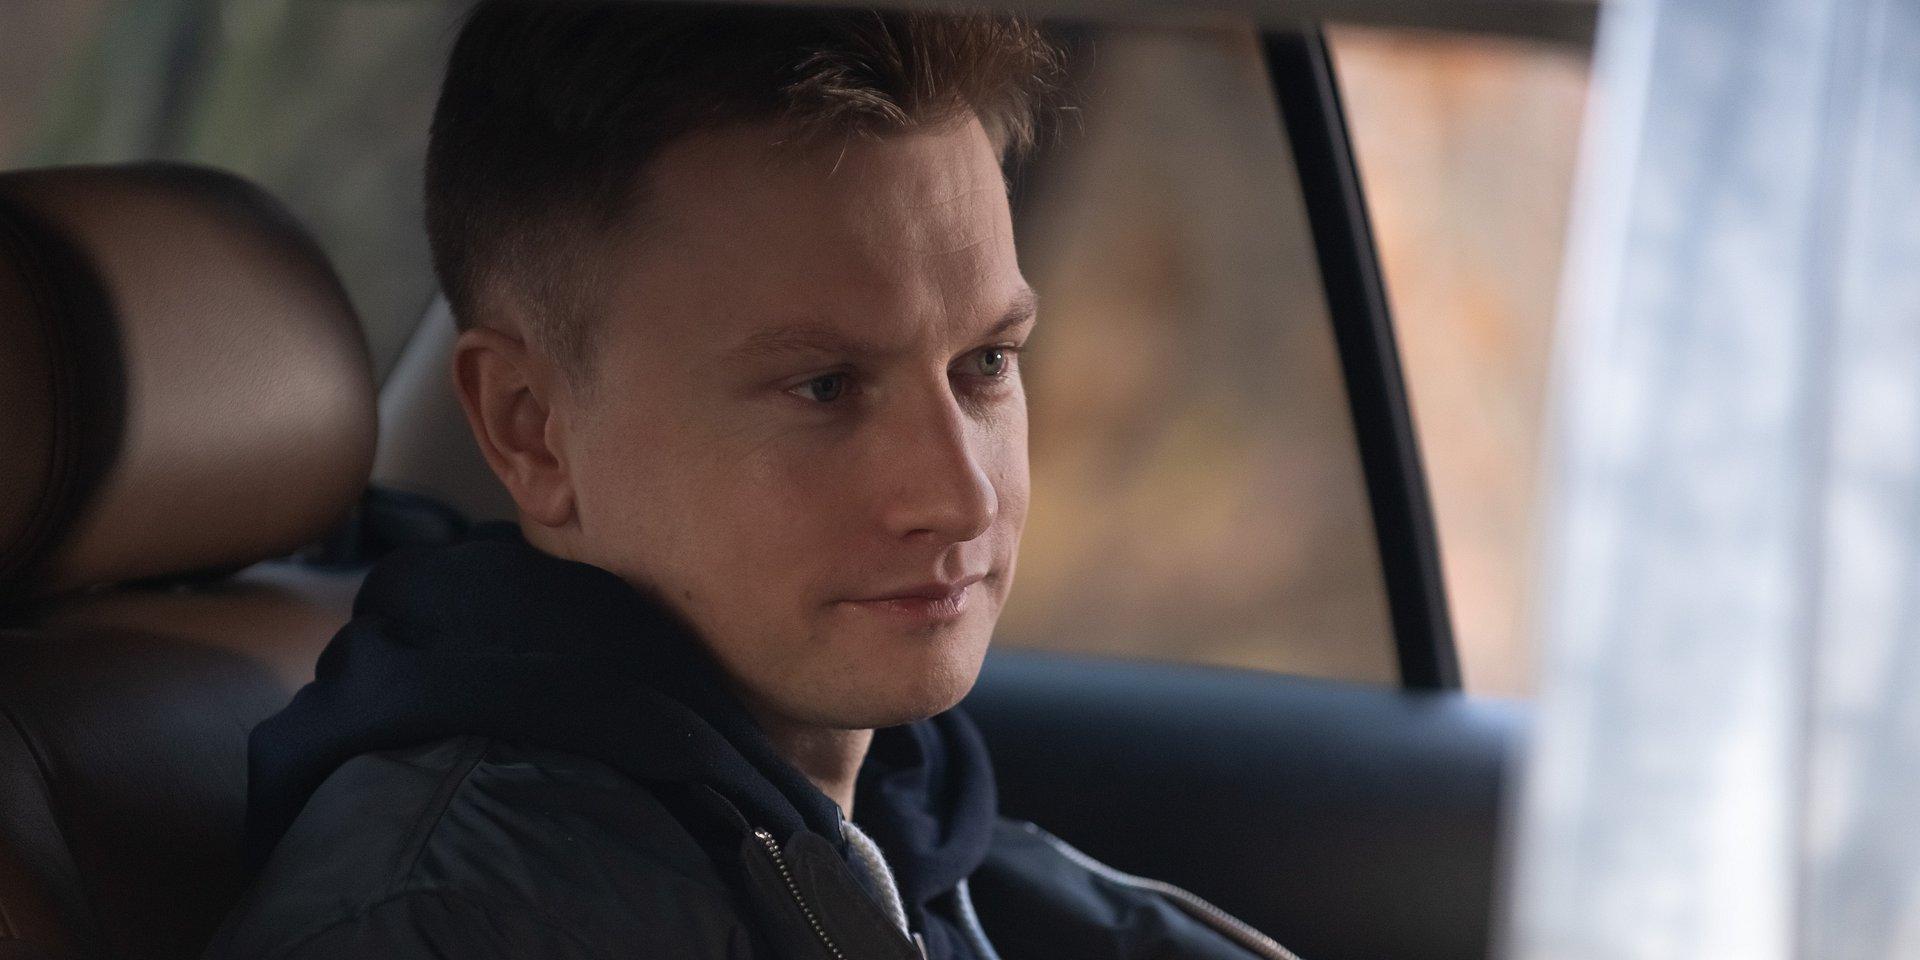 Na Wspólnej: Julka chora – Igor musi zrezygnować ze śledztwa?!